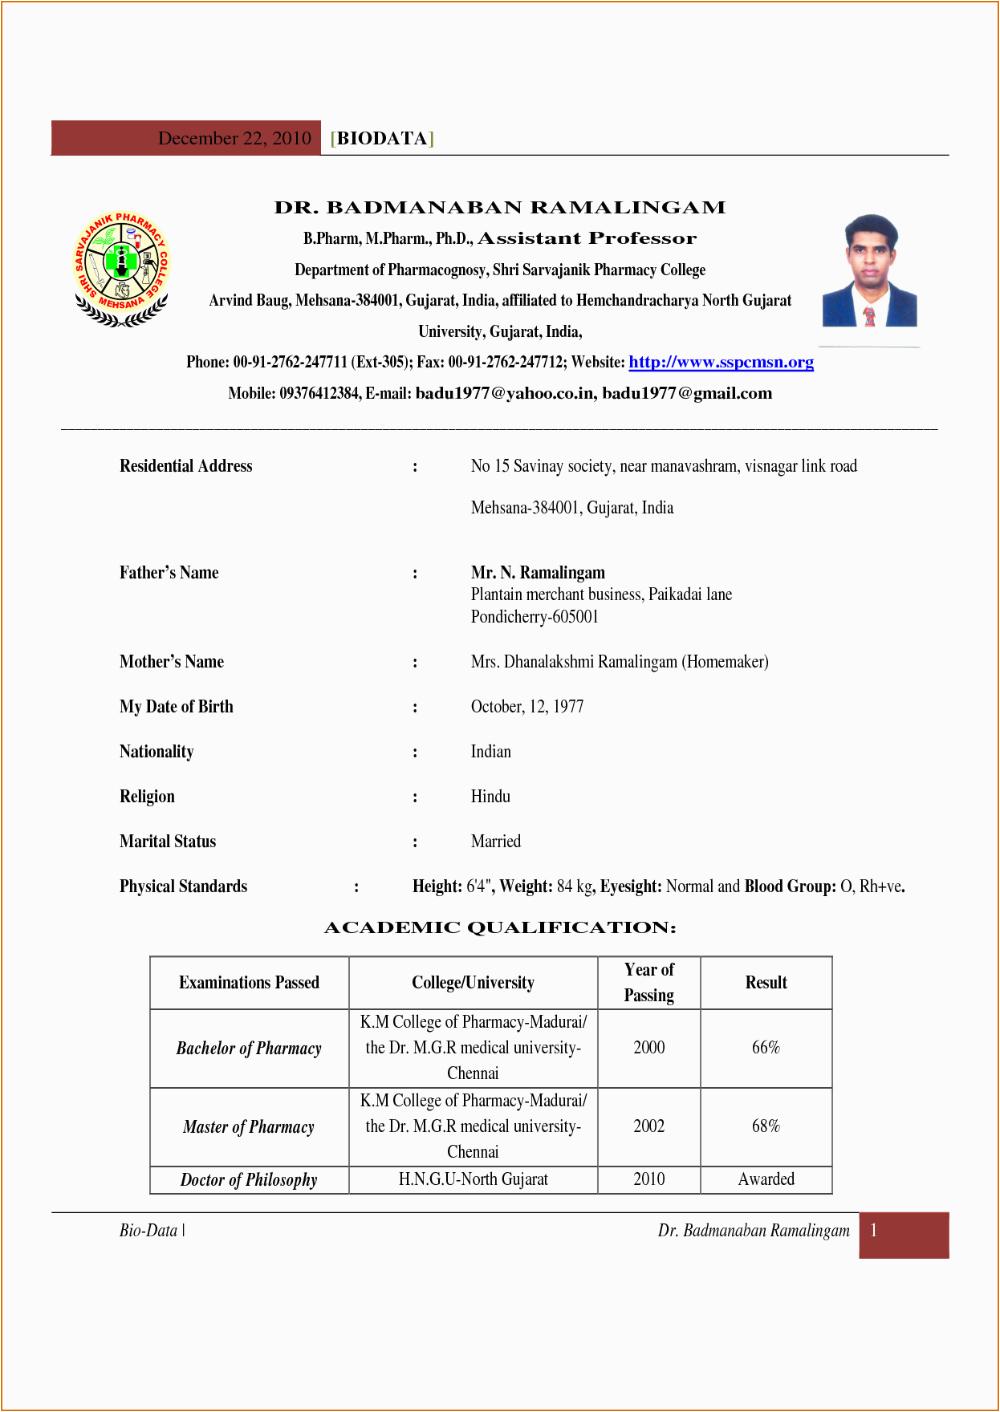 Sample Resume for Fresher School Teacher In India Indian School Teacher Resume format